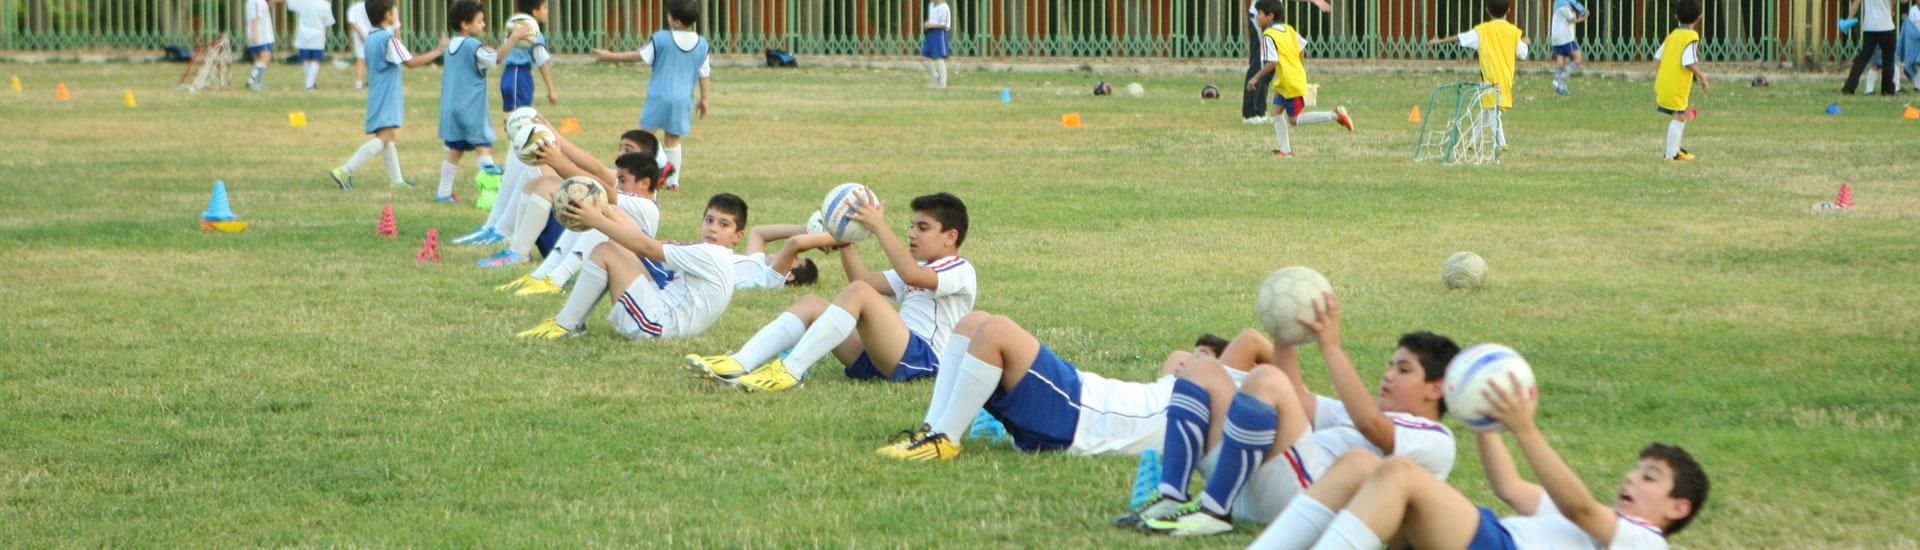 مدرسه فوتبال ورزشی